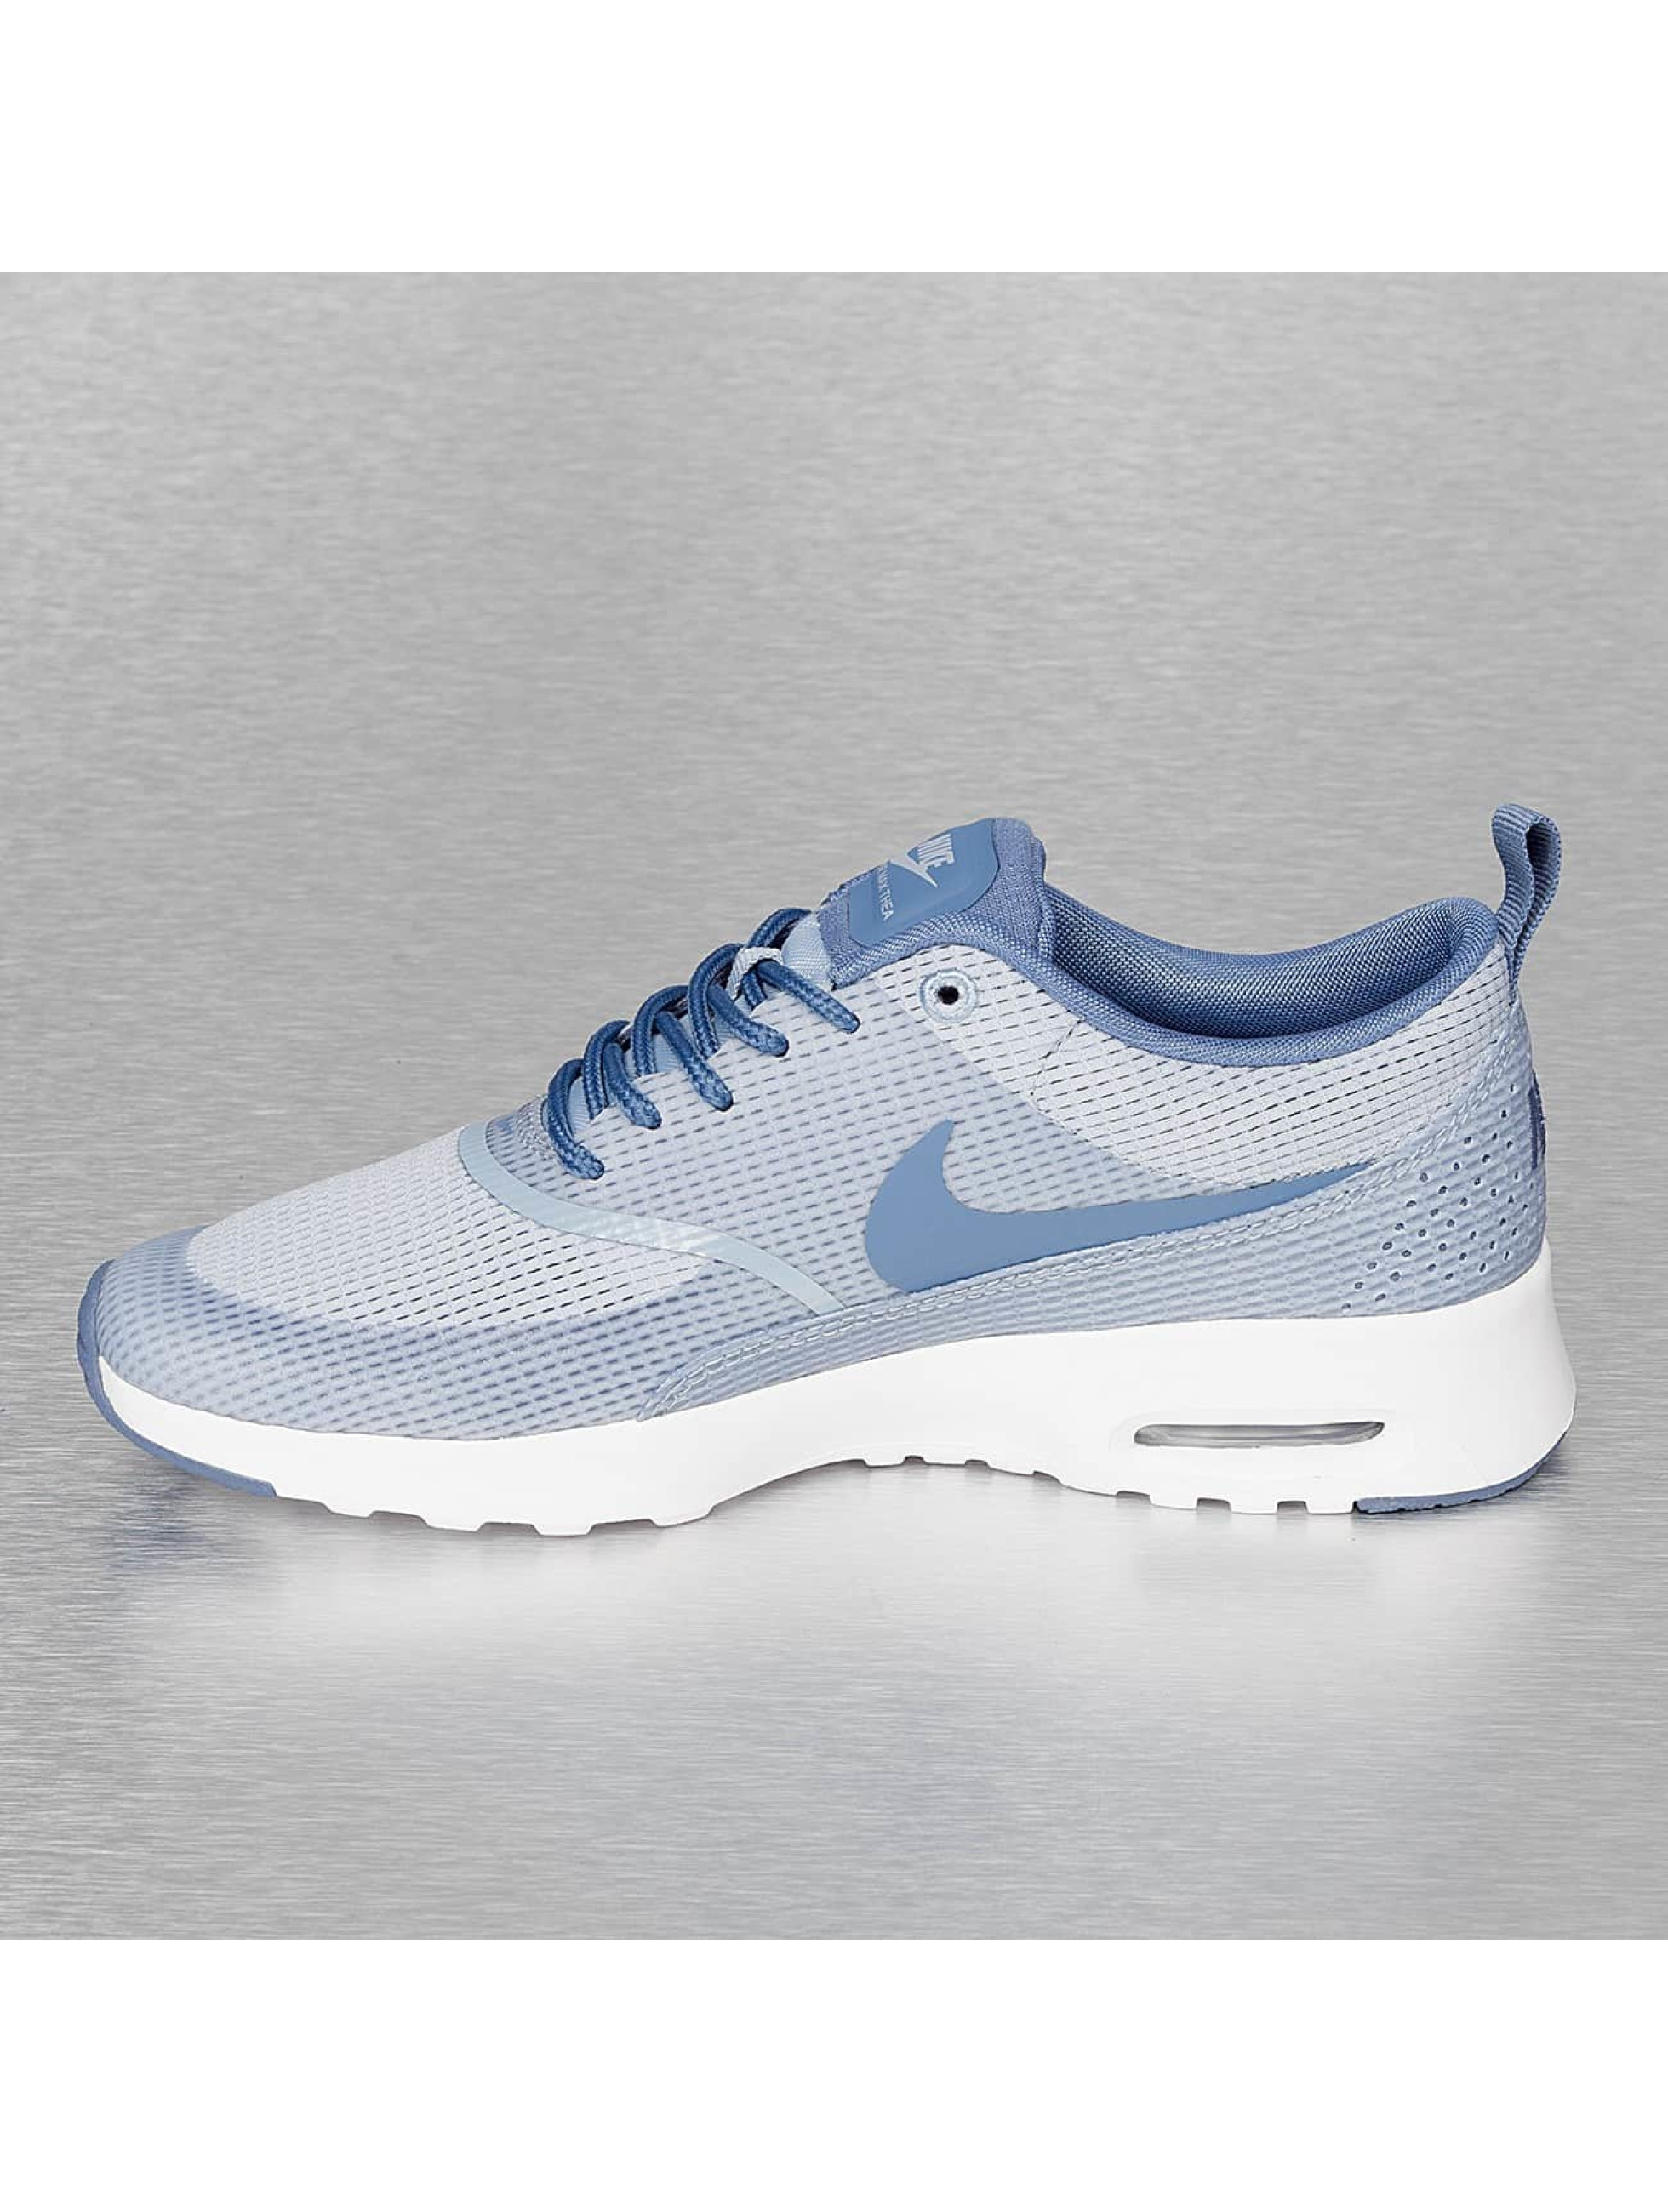 nike air max thea dames blauw